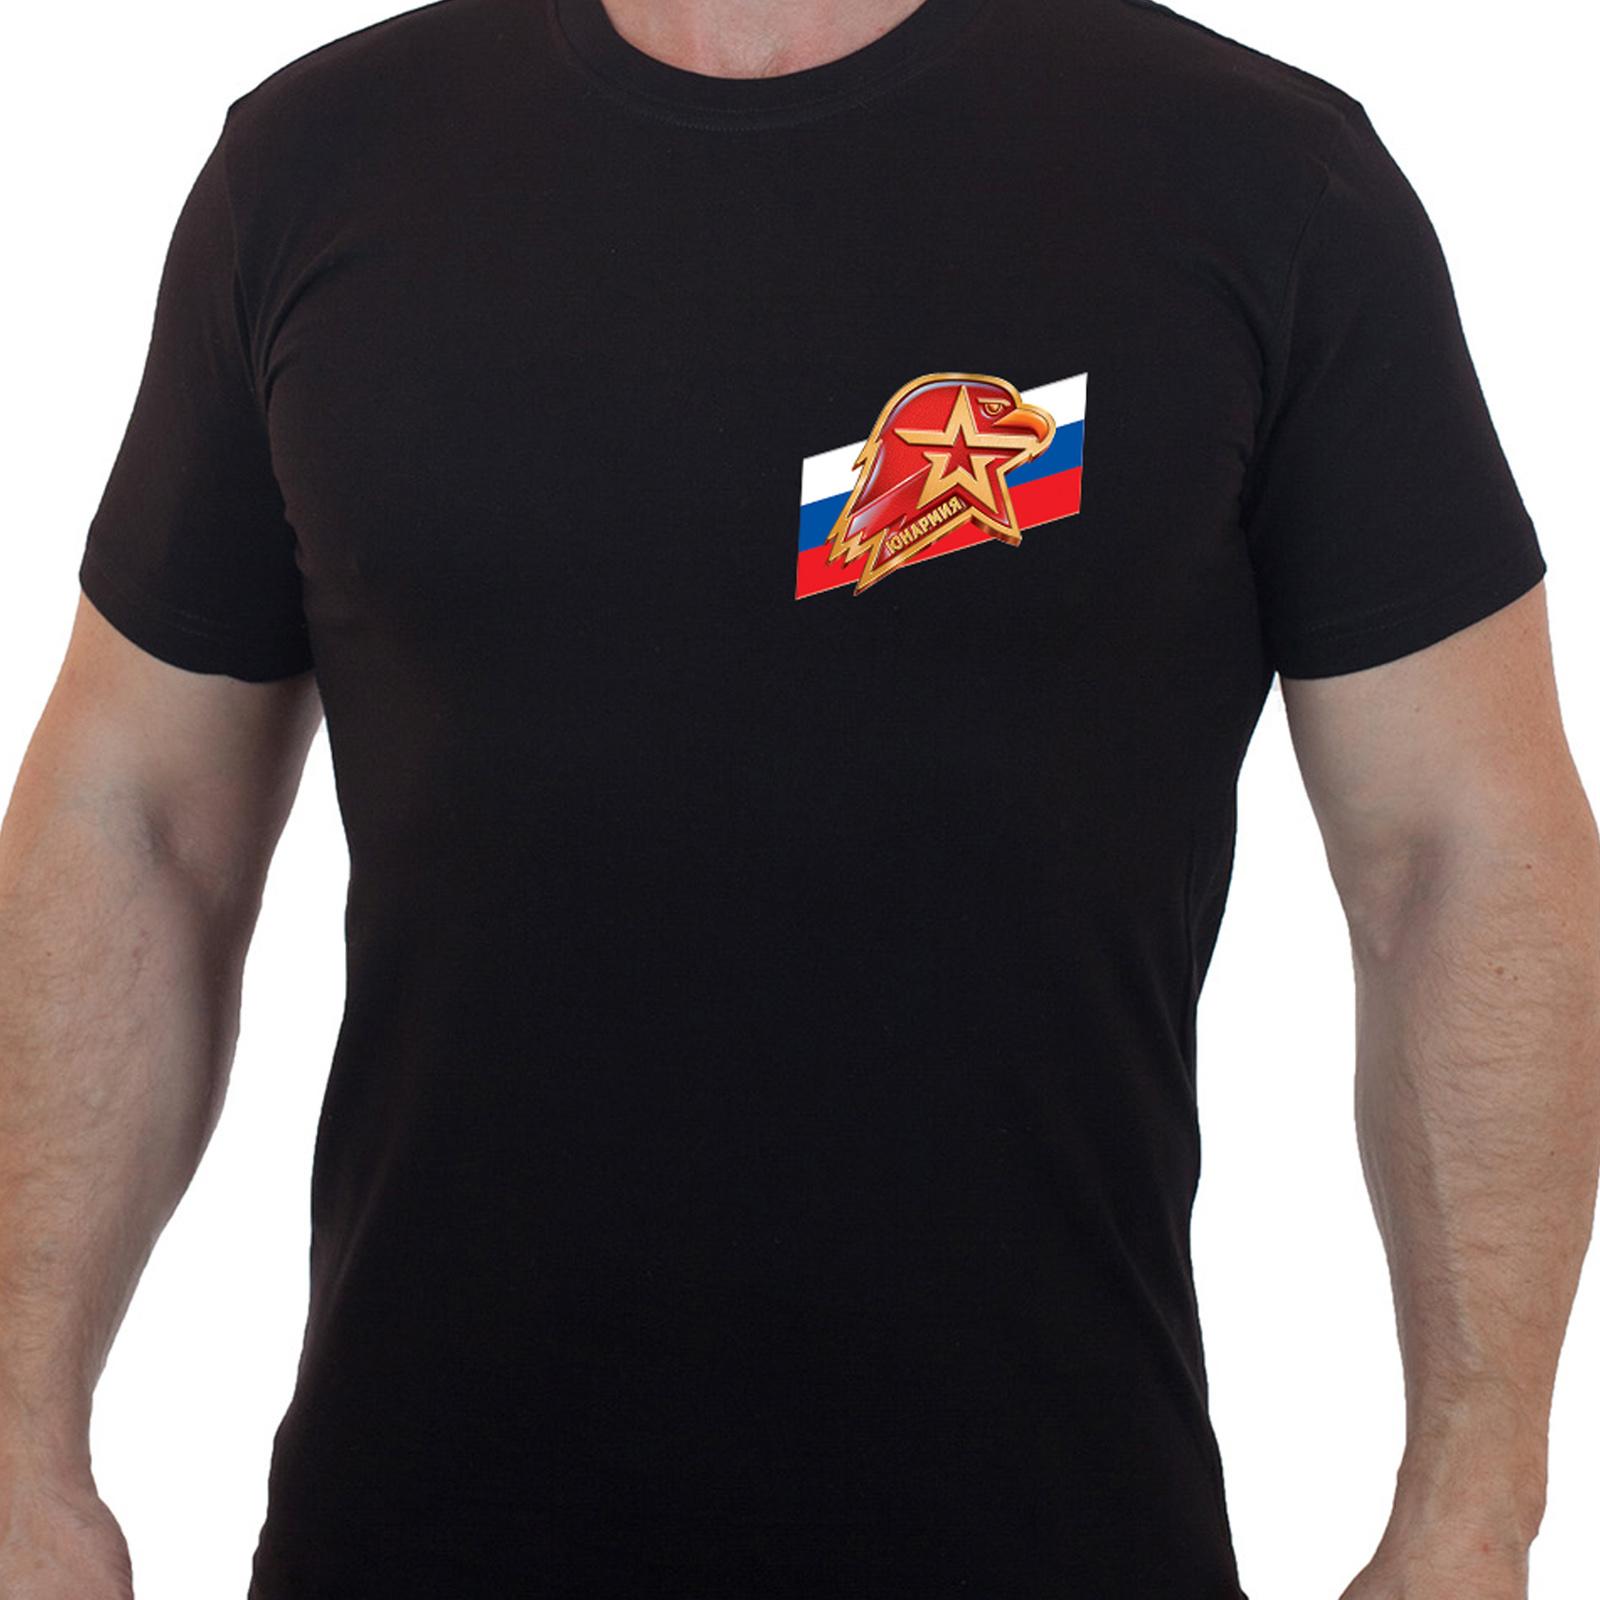 Молодежная черная футболка Юнармия